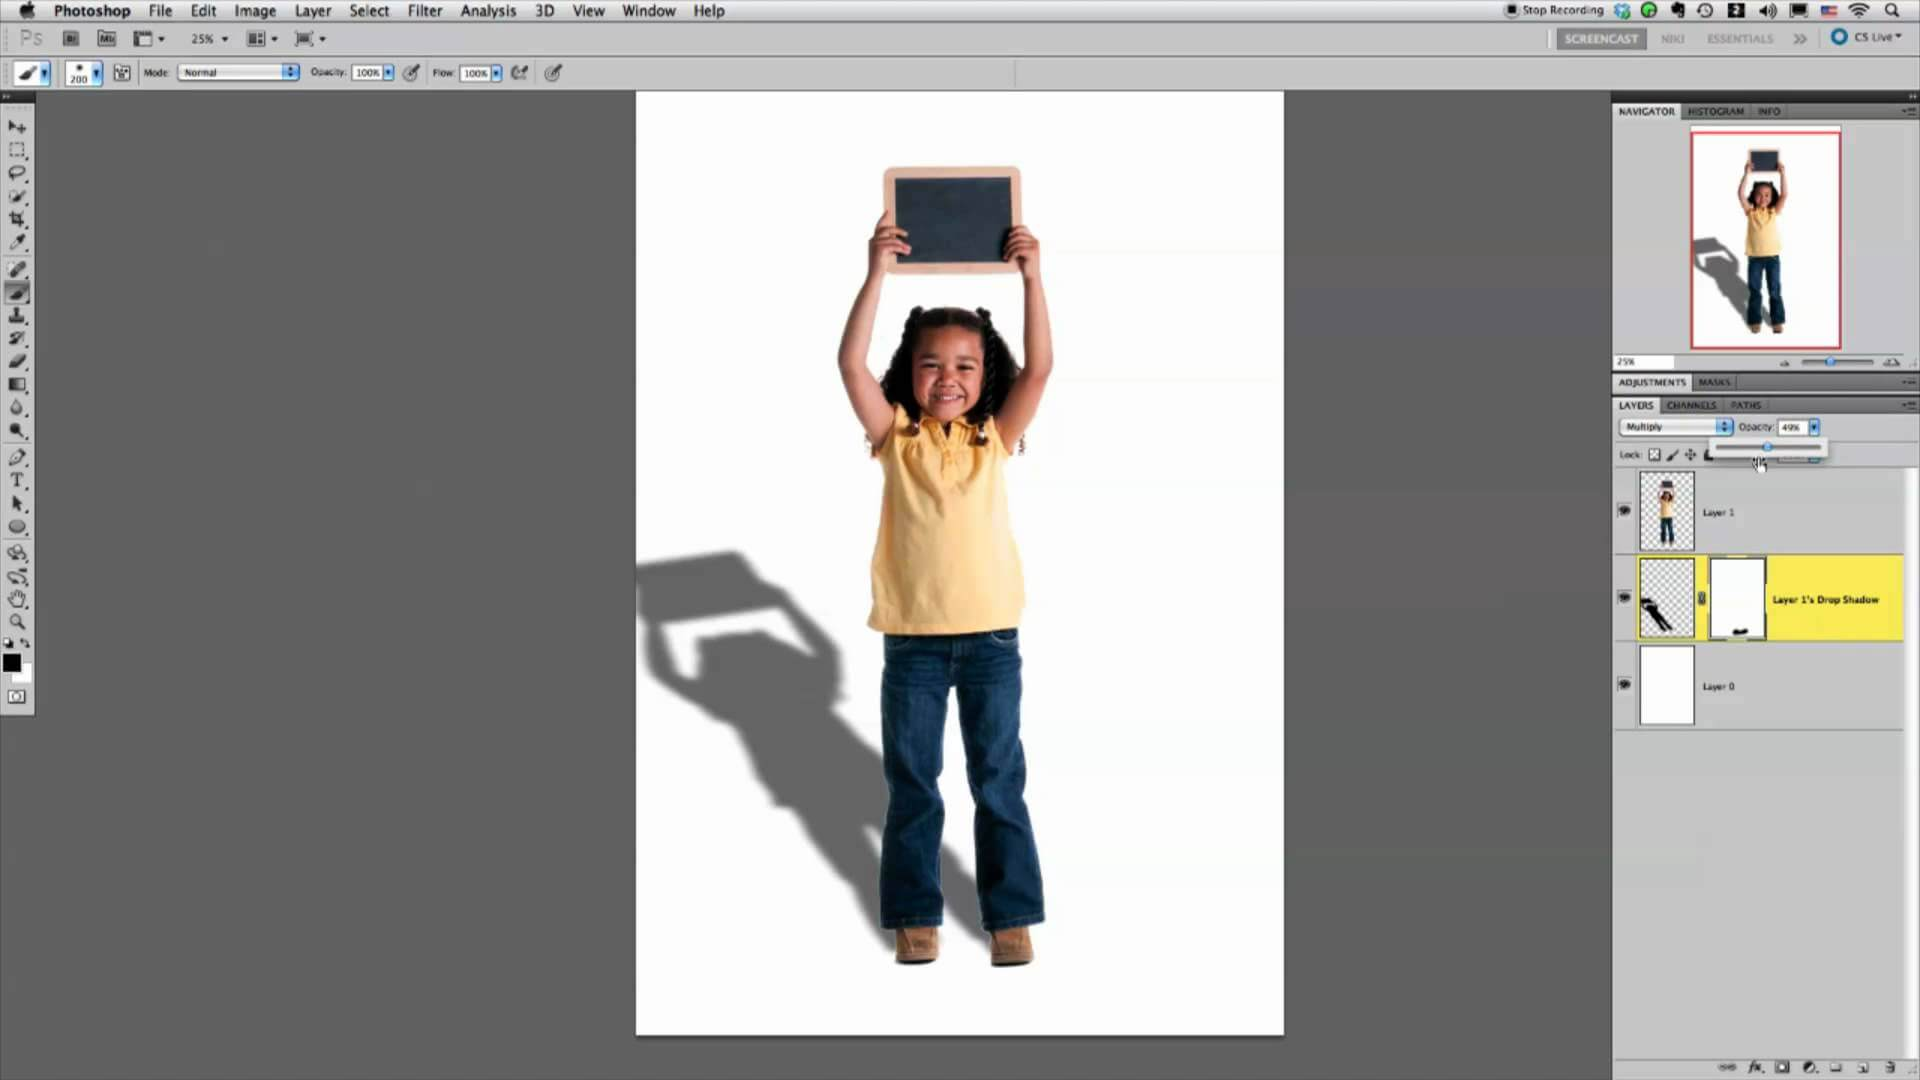 Как сделать тень в фотошопе на фото